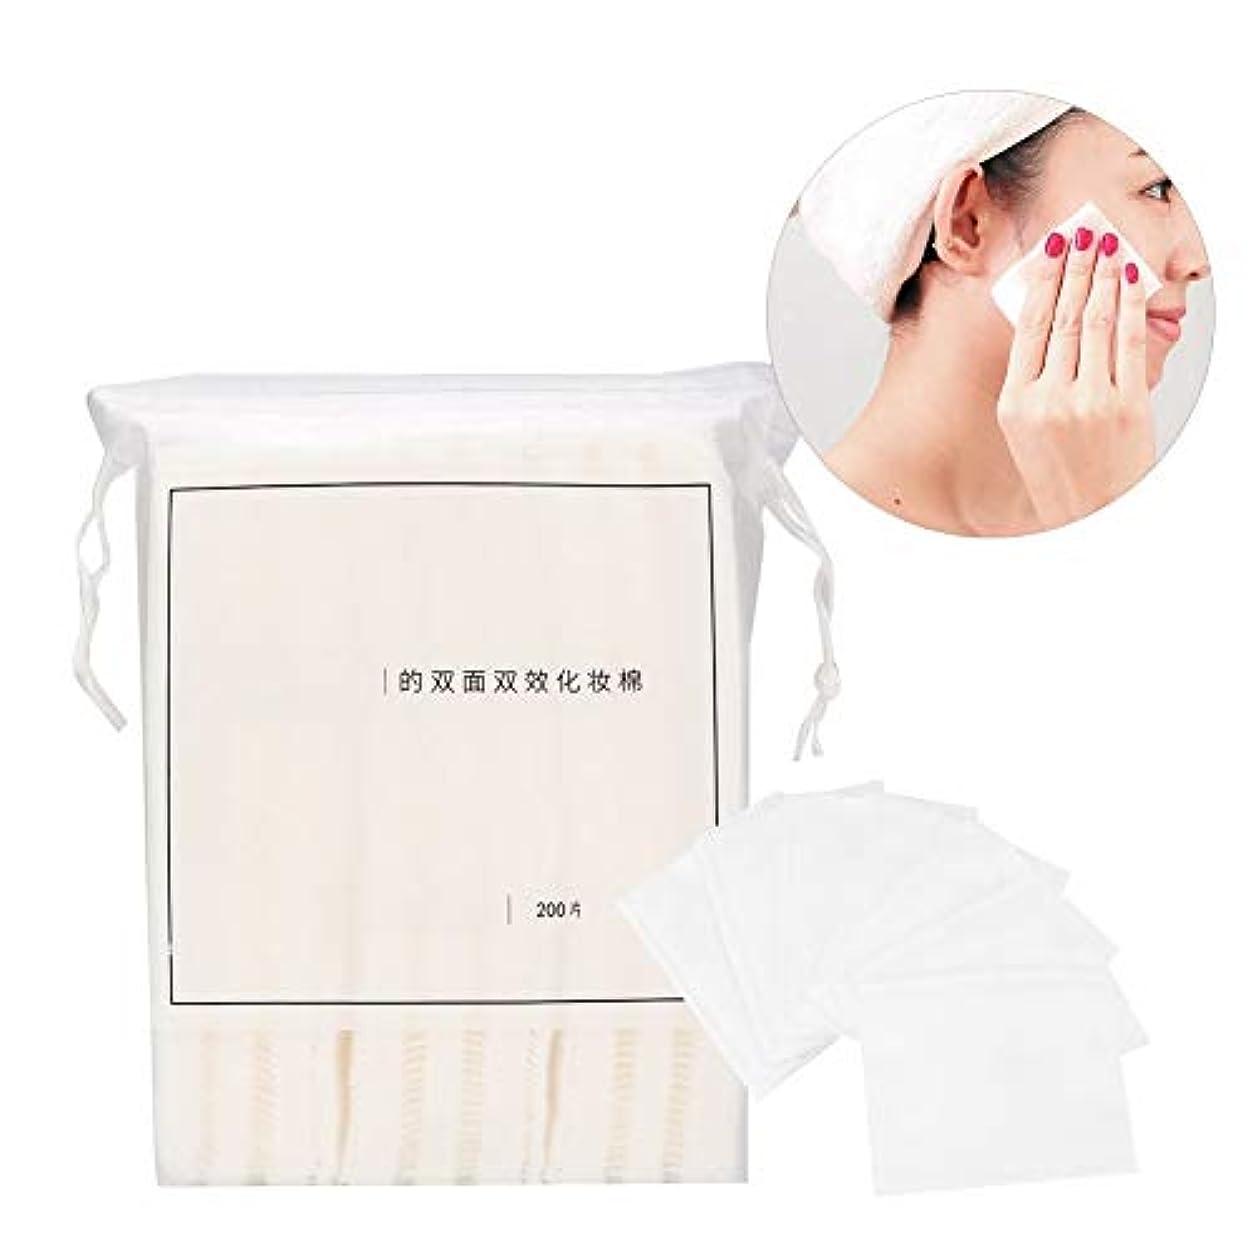 翻訳インポートライフル200個の化粧落としパッド、肌の角質除去とネイルケアのための両面と乾式の湿式デュアルユースコットンパッド、やわらかい涙抵抗の保水化粧品用綿(2)